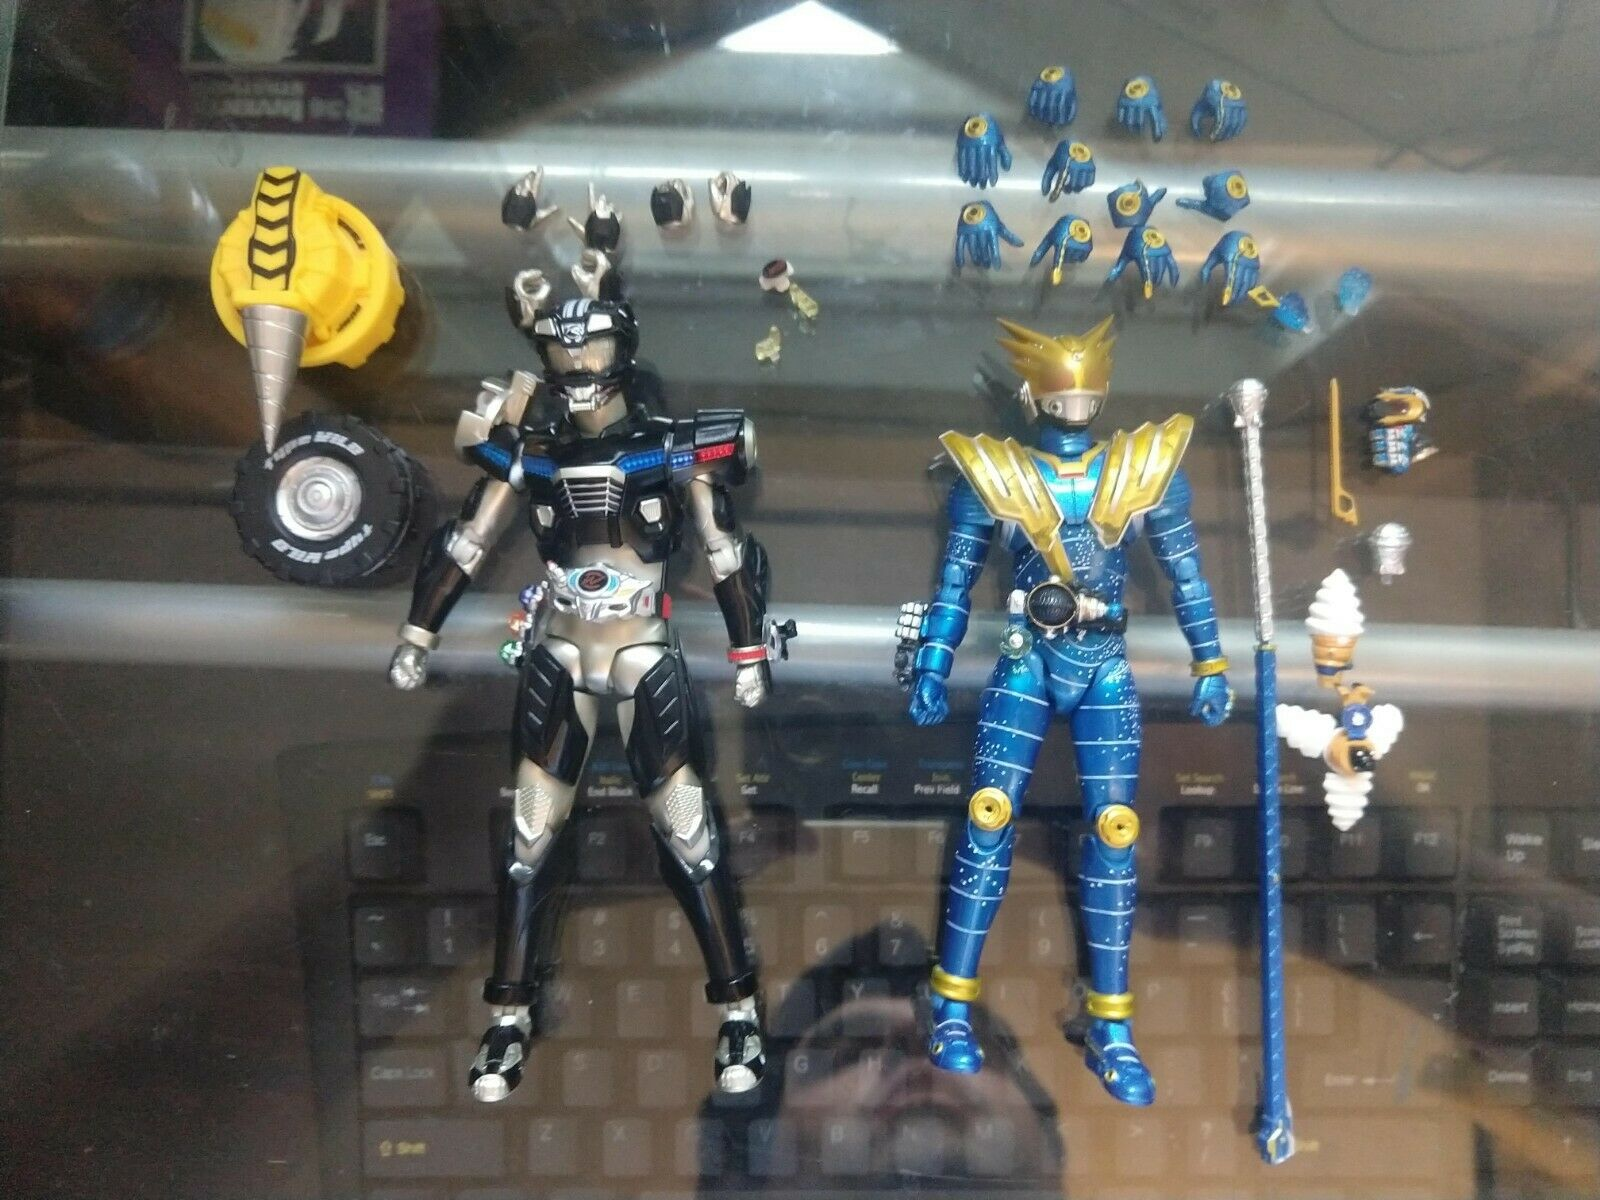 Figuarts Kamen Rider Lot Drive  Type Wild & Figuarts Kamen Rider Meteor Storm  prezzo all'ingrosso e qualità affidabile